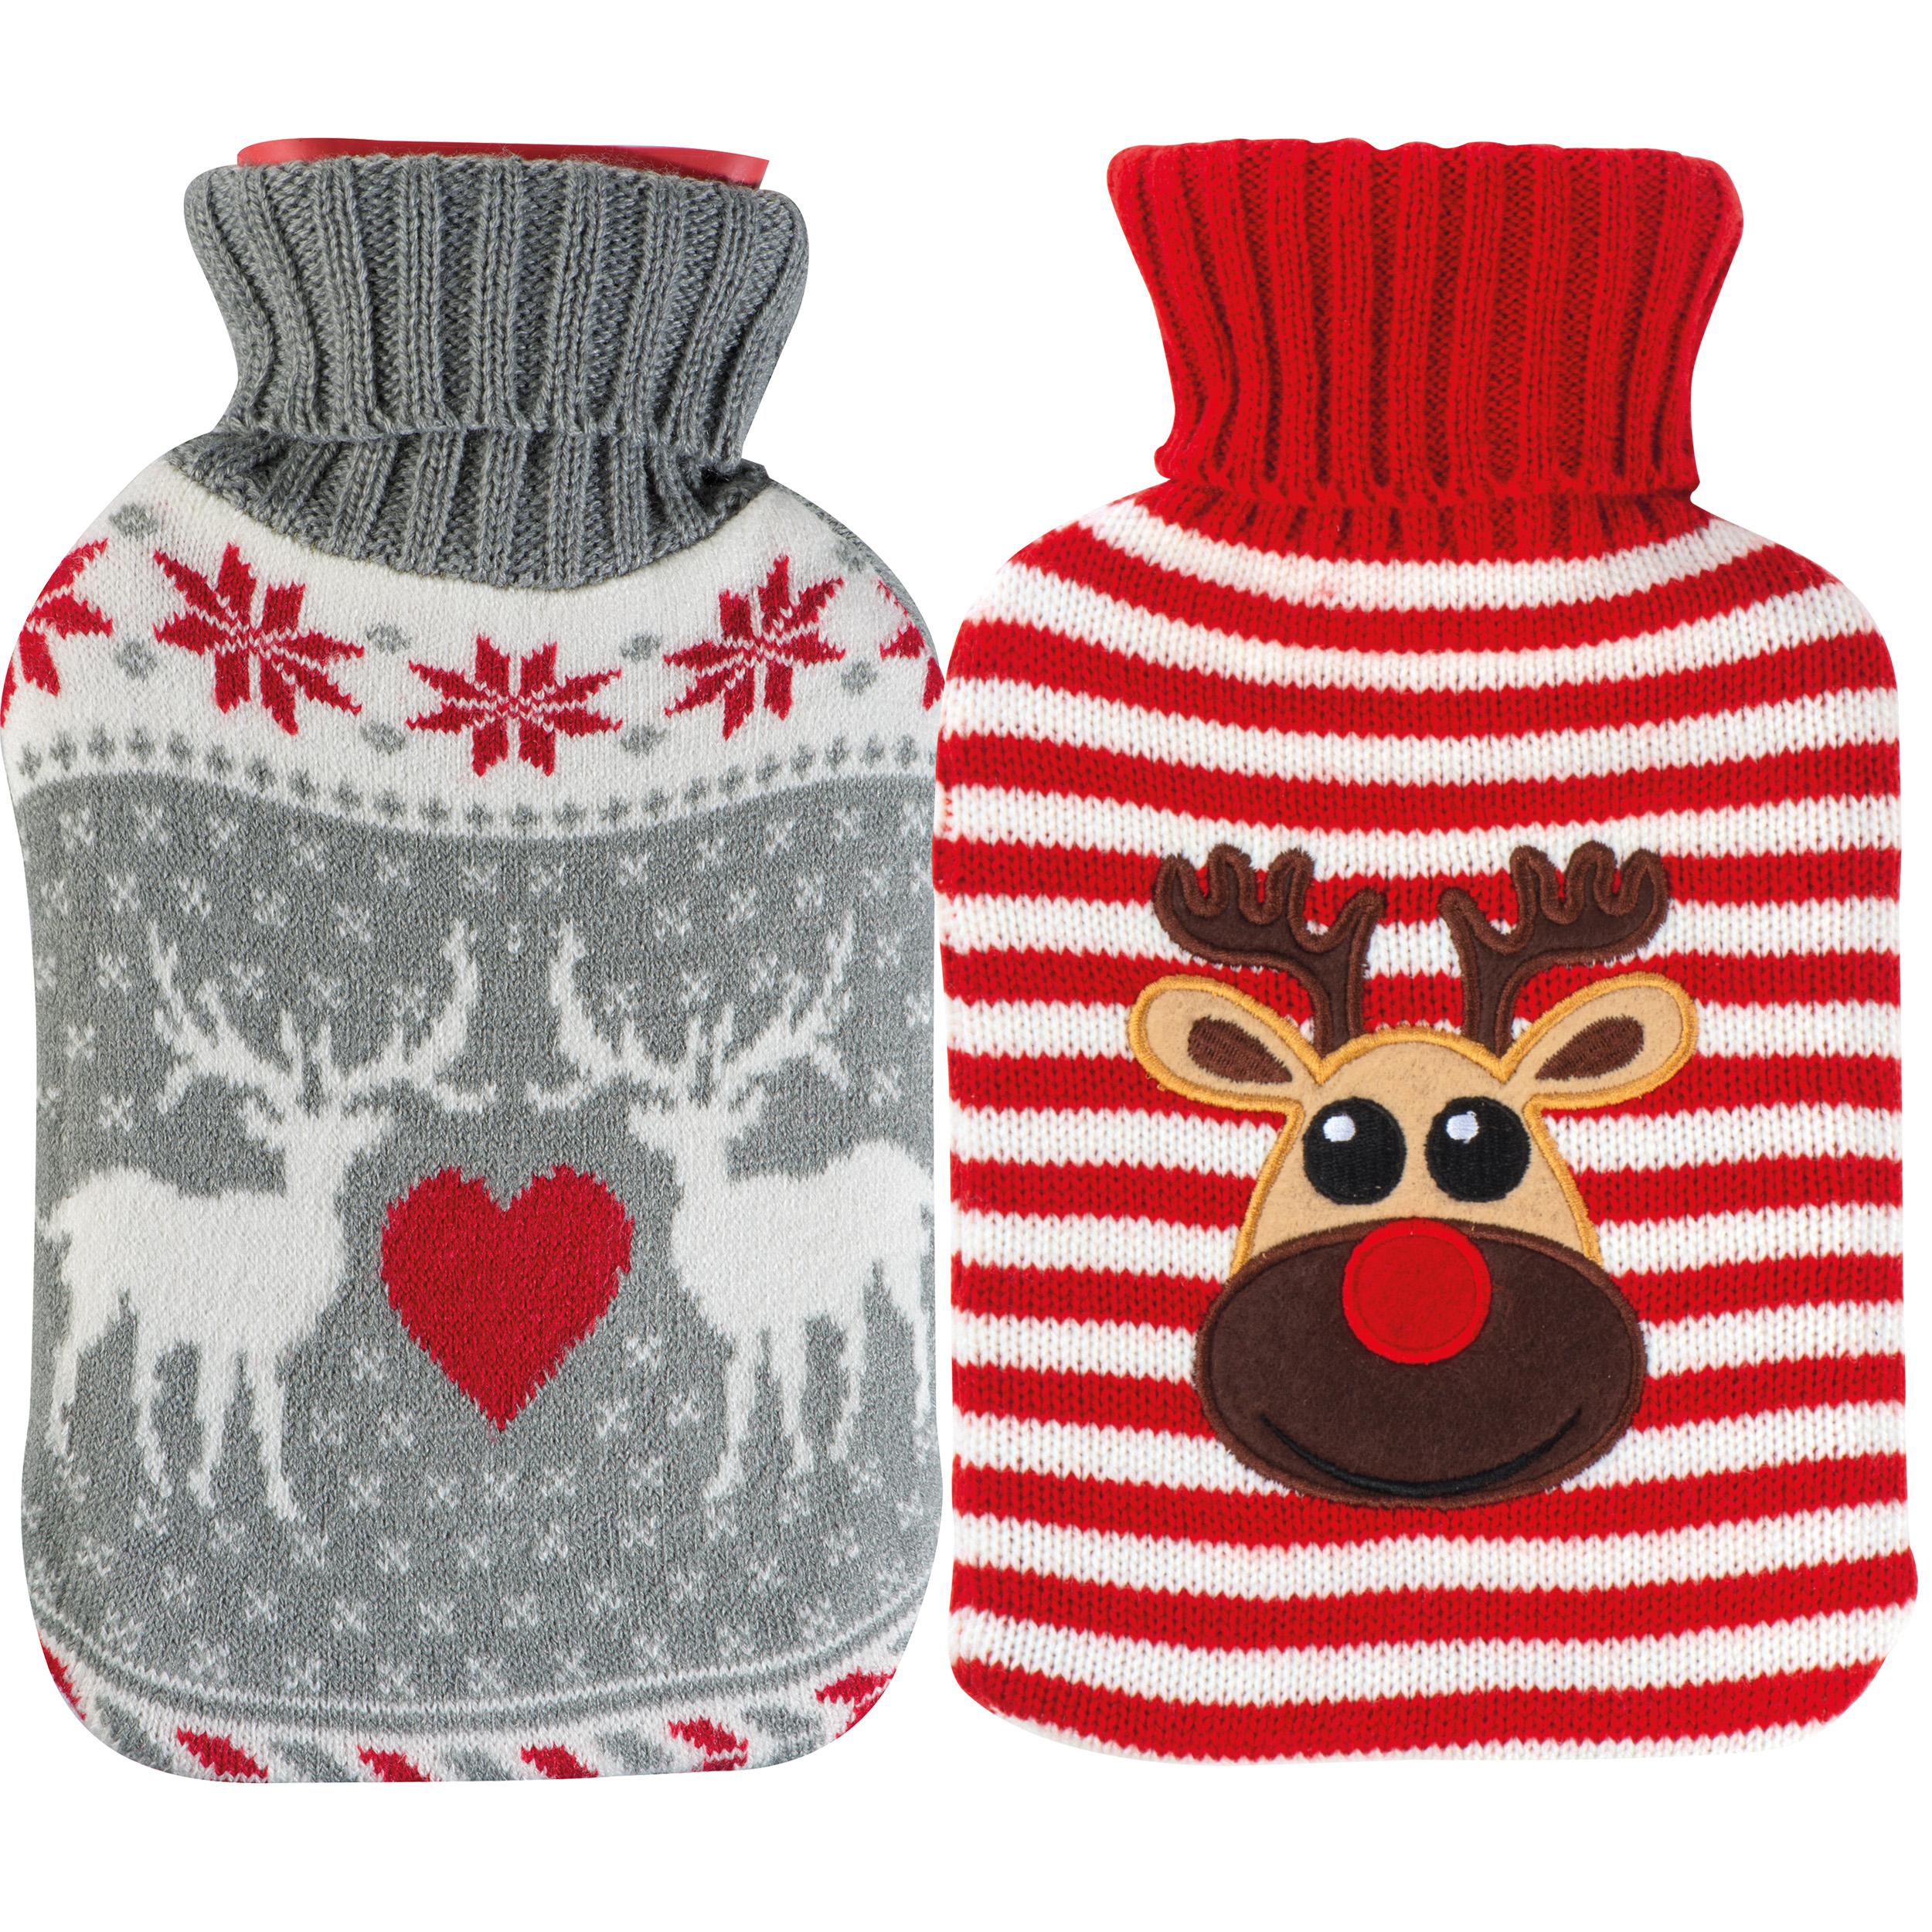 Weihnachtswärmflasche, 500 ml